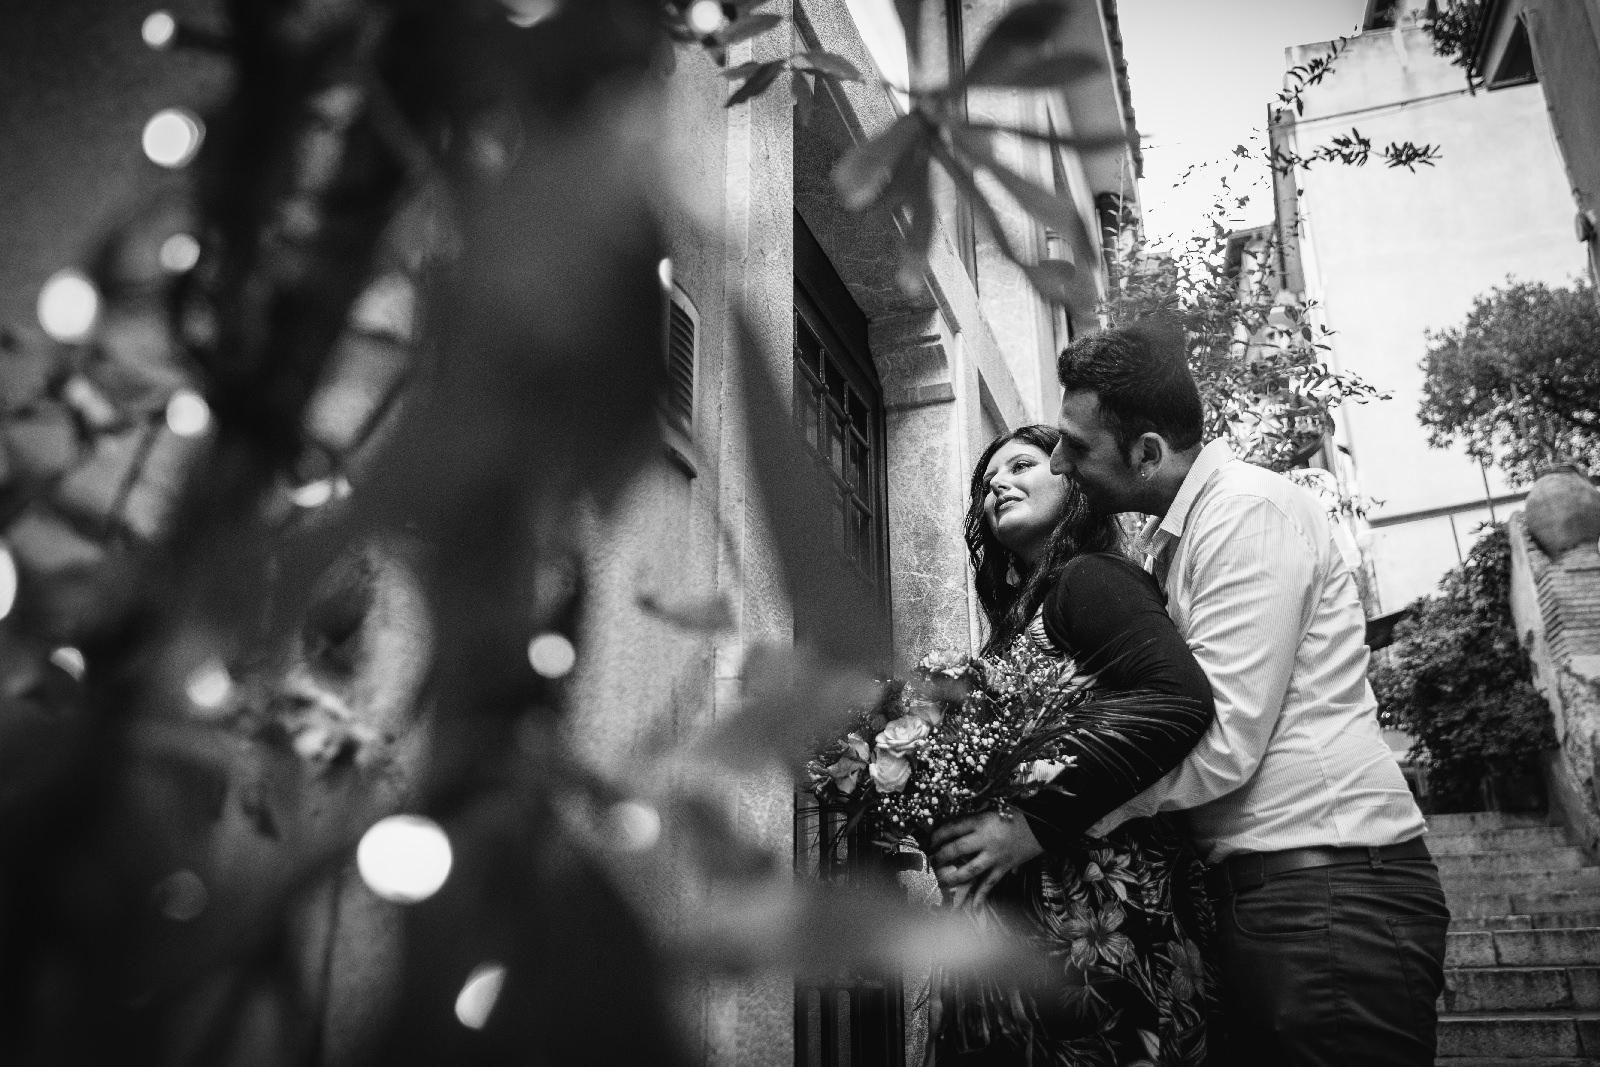 046-2018-09-22-Engagement-Alessandra-e-Igor-Pizzone-5DE-077